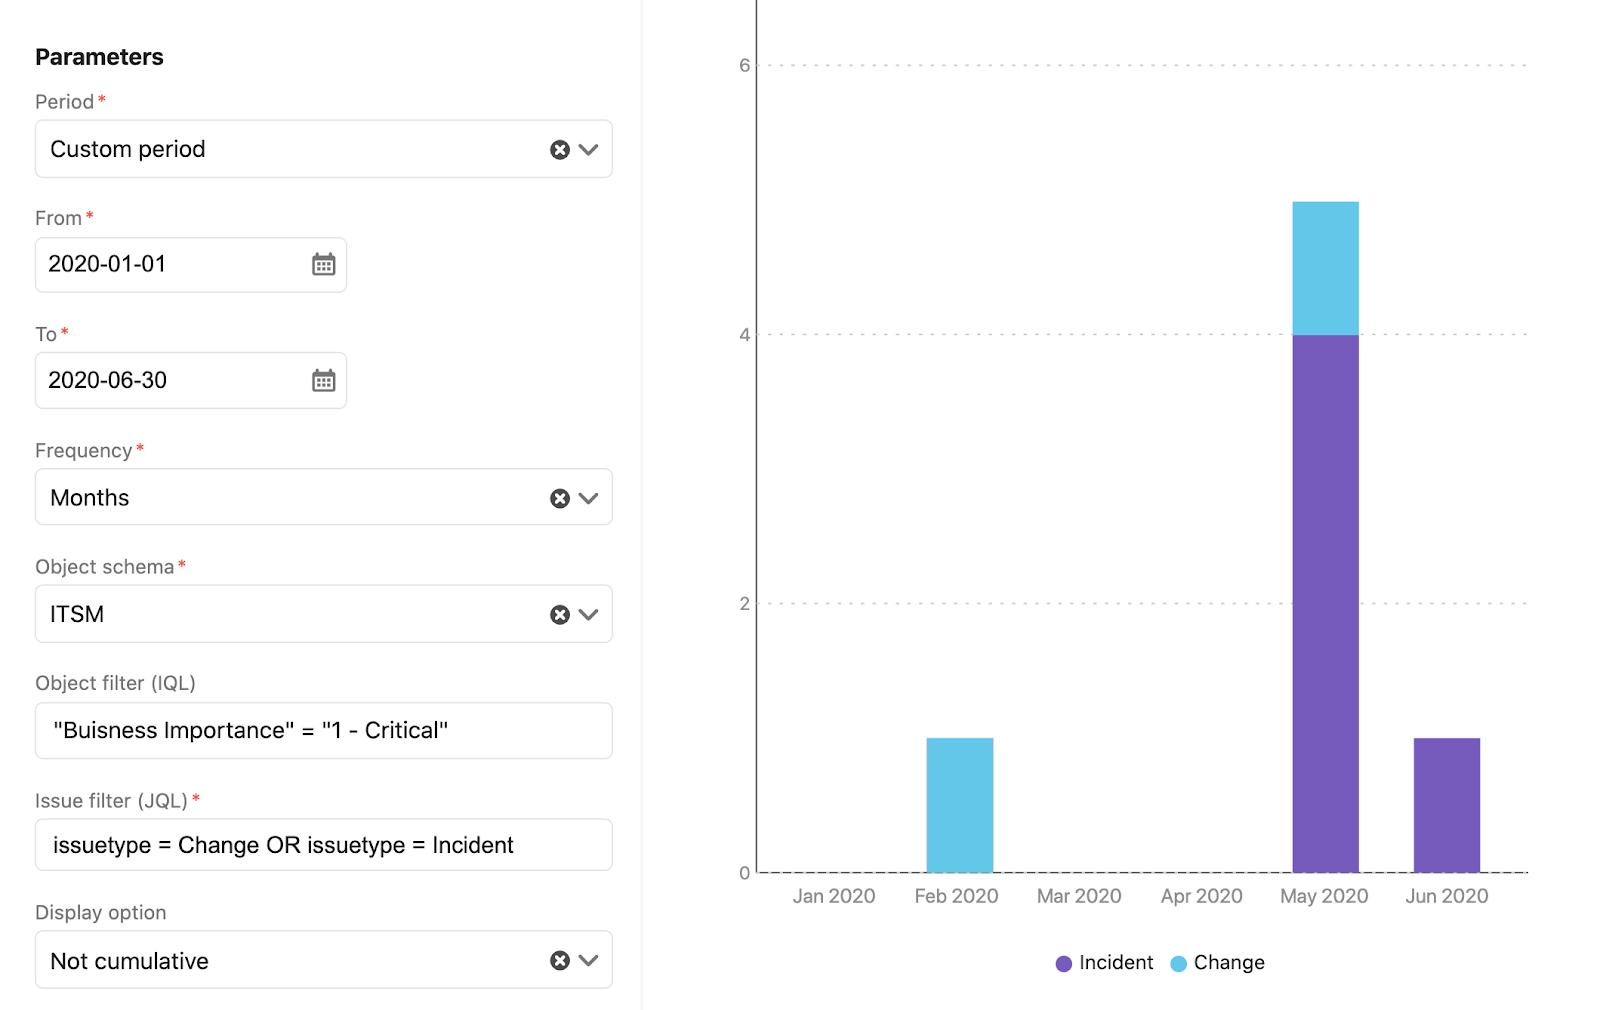 Janela de configuração de um relatório do Insight exibindo o número de alterações ou incidentes relacionados a objetos de mais alta importância empresarial.